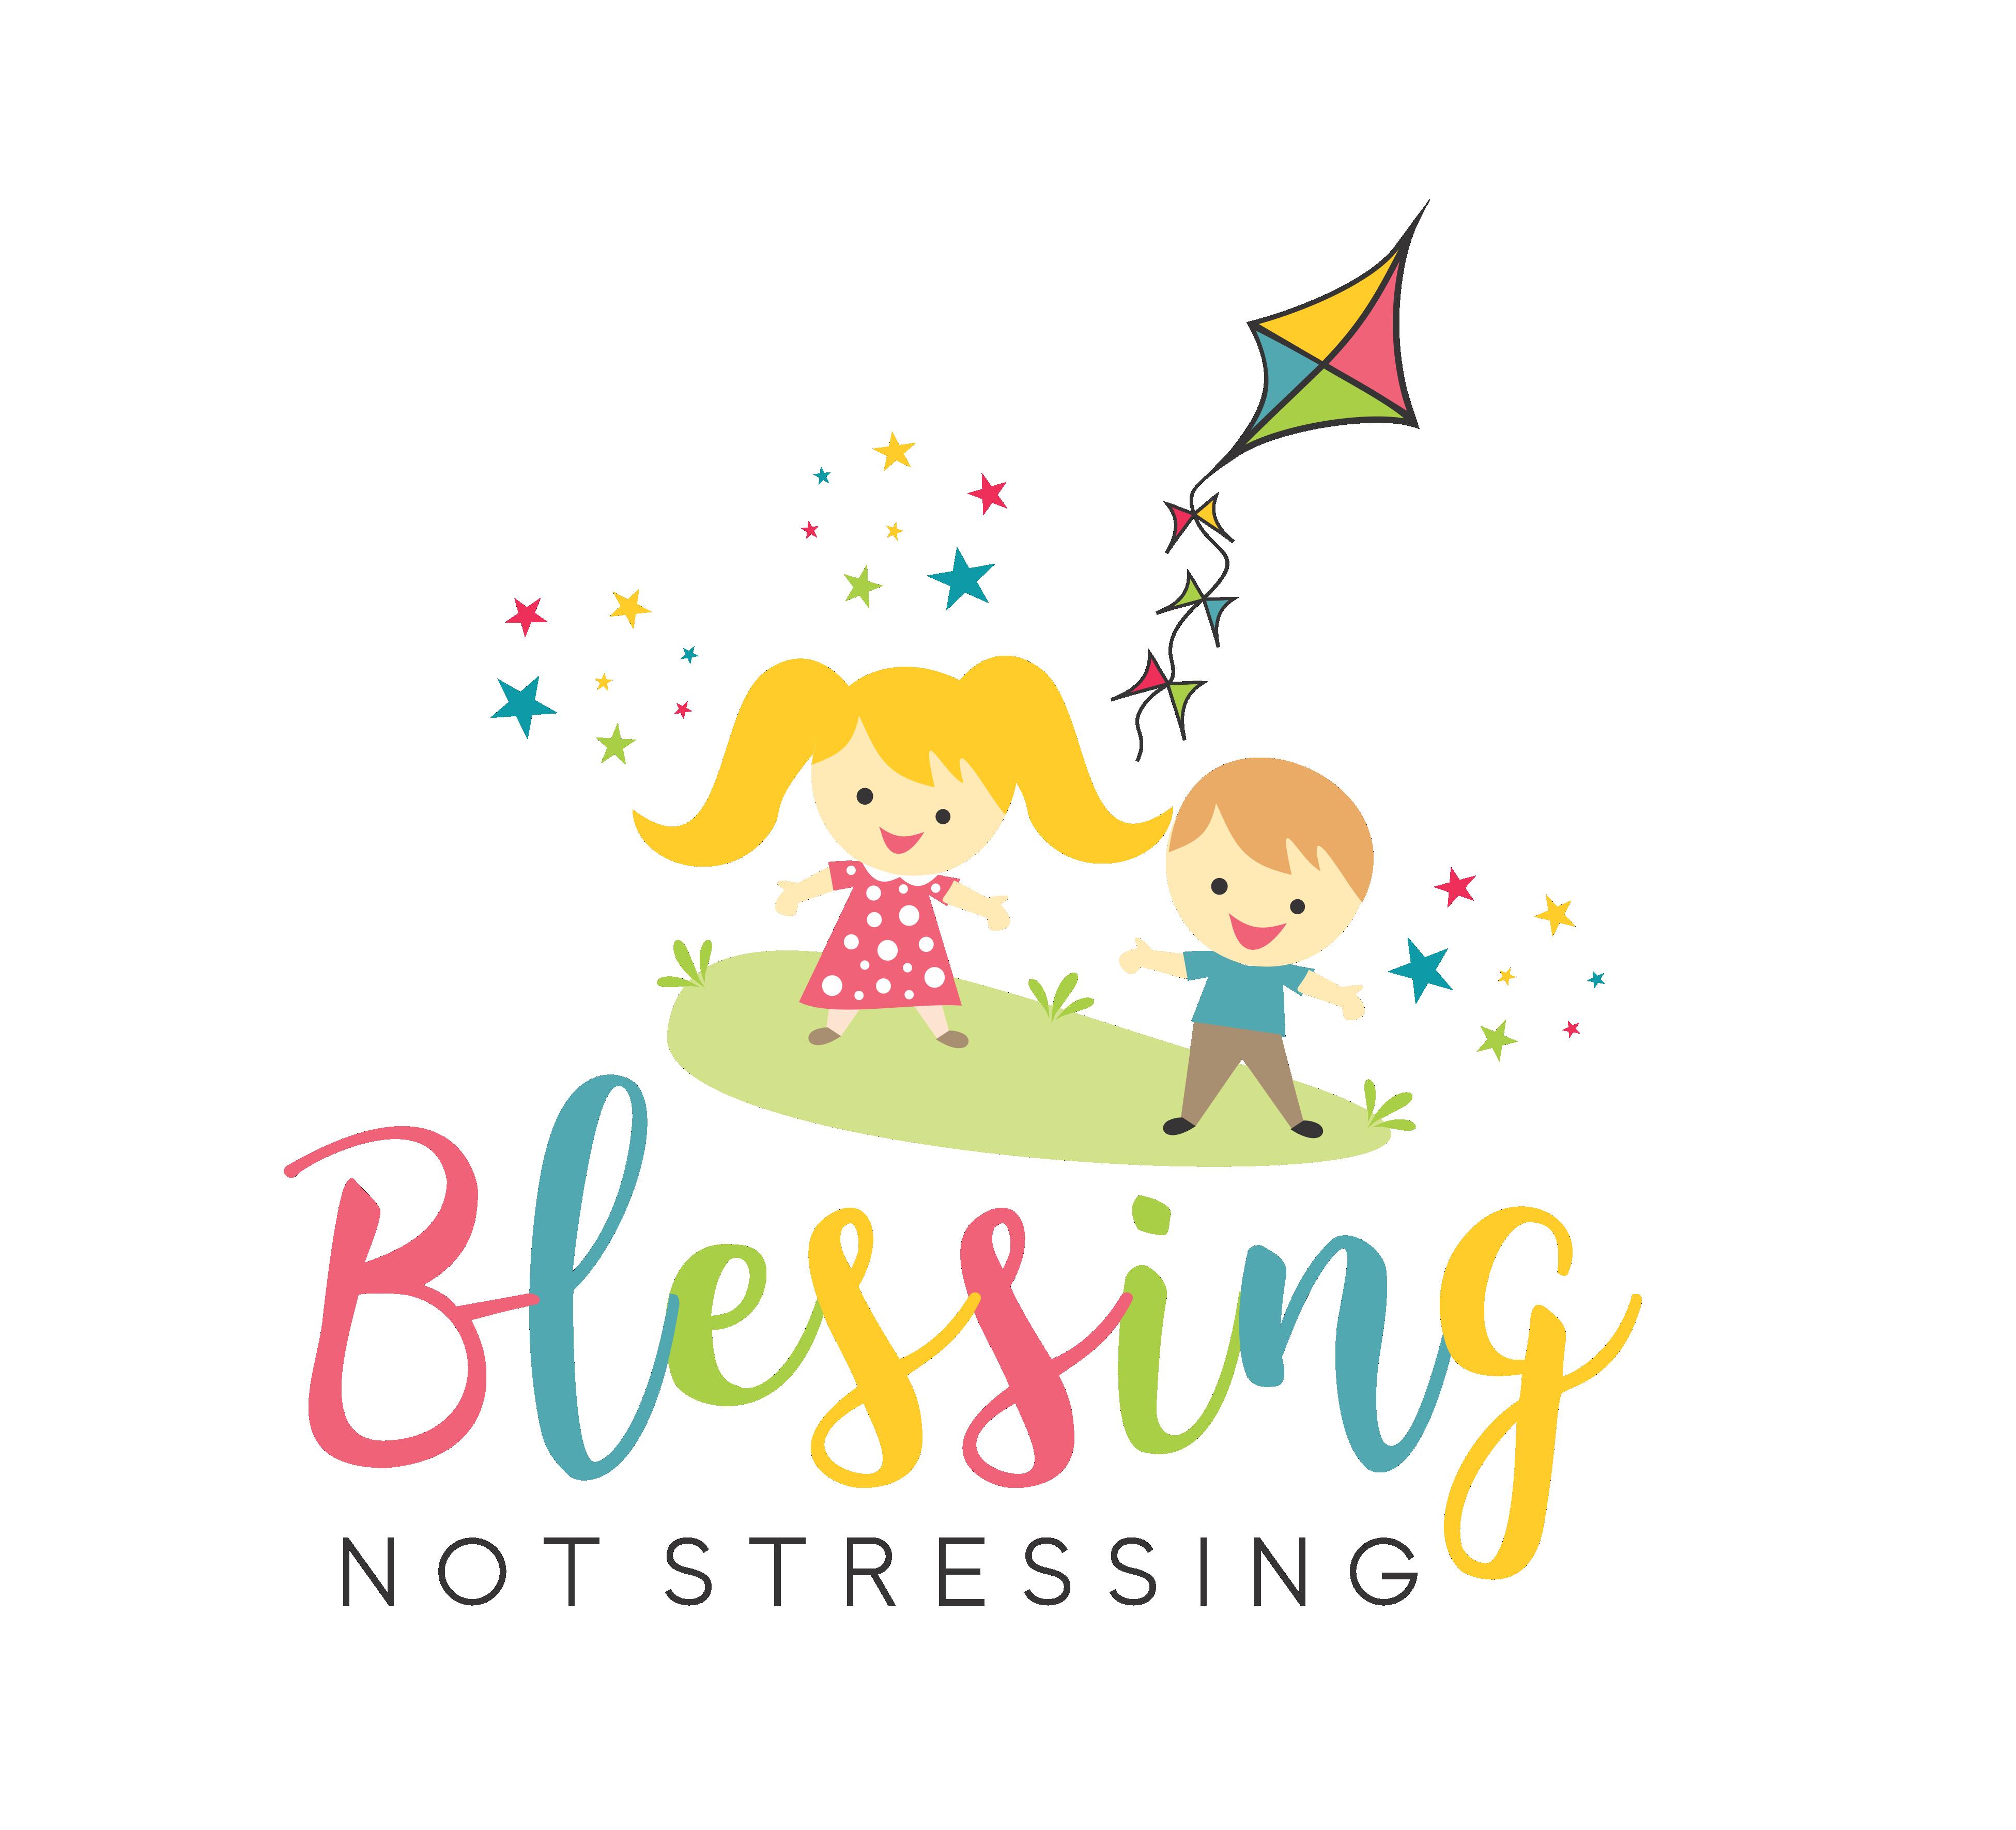 Blessing Not Stressing Logo (Podcast/Blog)